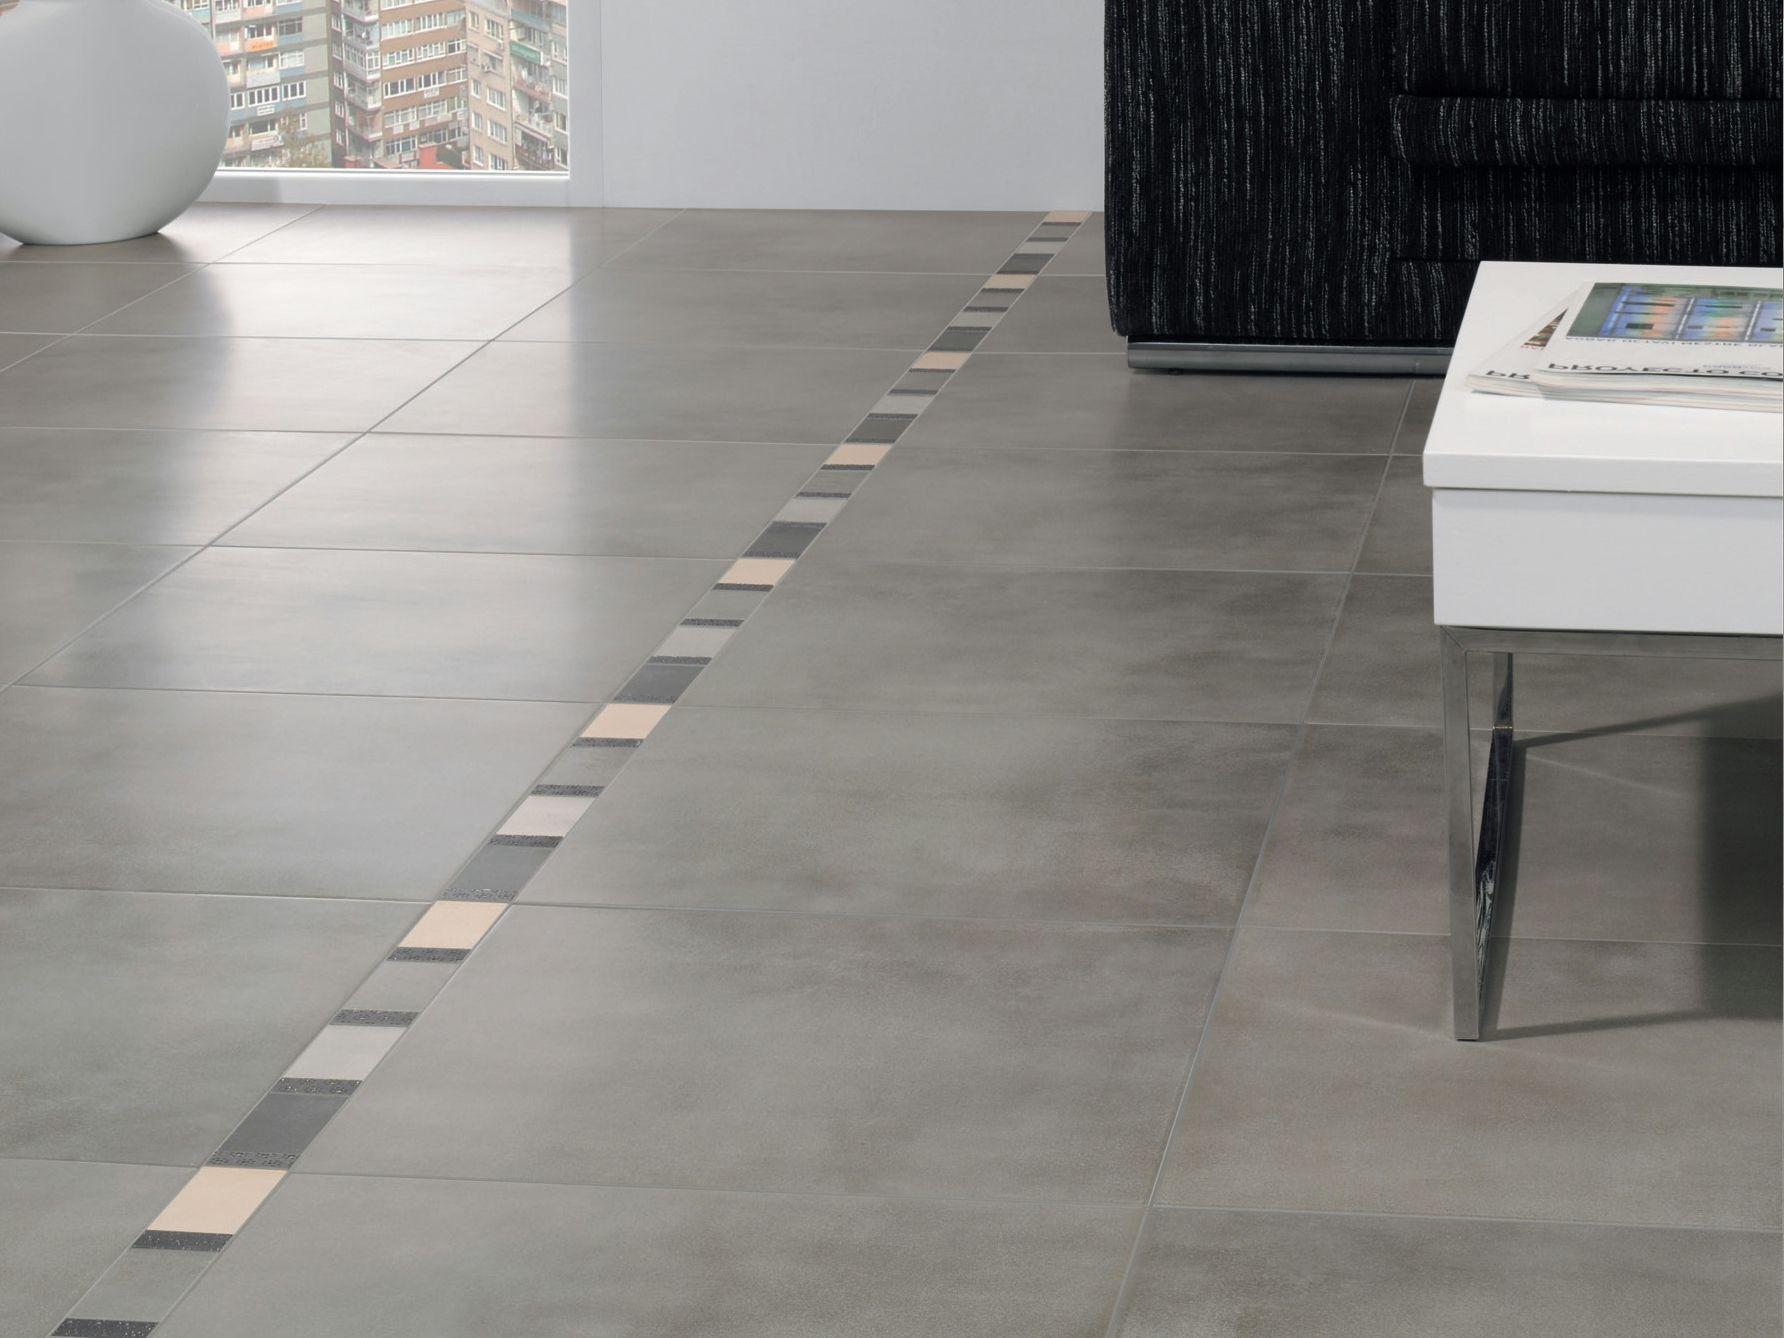 Pavimento de gres porcel nico para interiores y exteriores - Pintura para suelos de gres ...